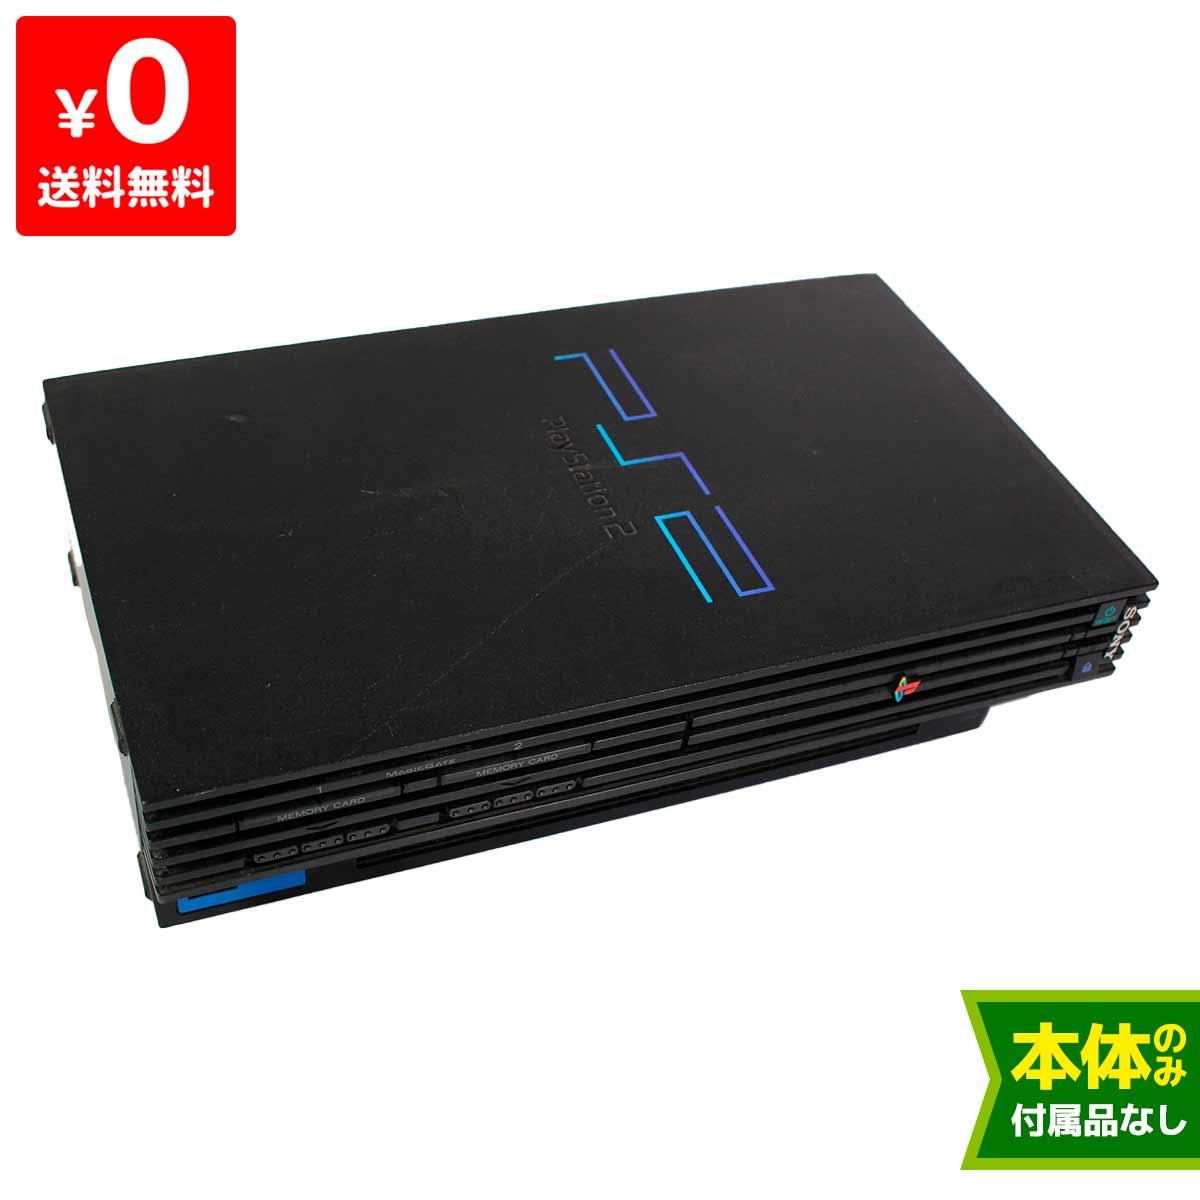 プレイステーション2, 本体 PS2 2 2 PlayStation2 SCPH-10000 SONY 4948872800006